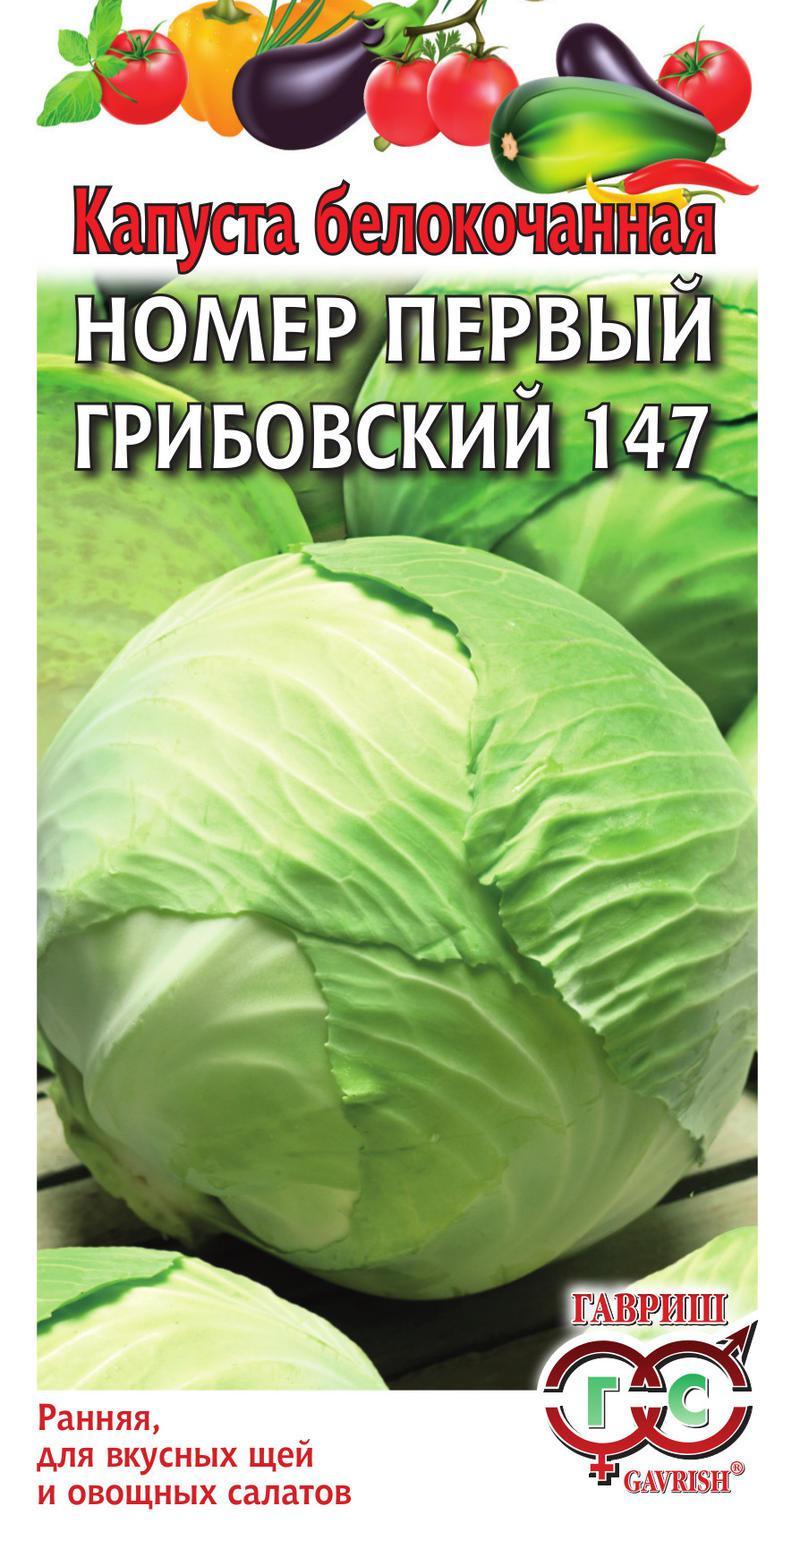 Капуста б/к Грибовский 147 №1 0,5 г ранняя сер. Традиция